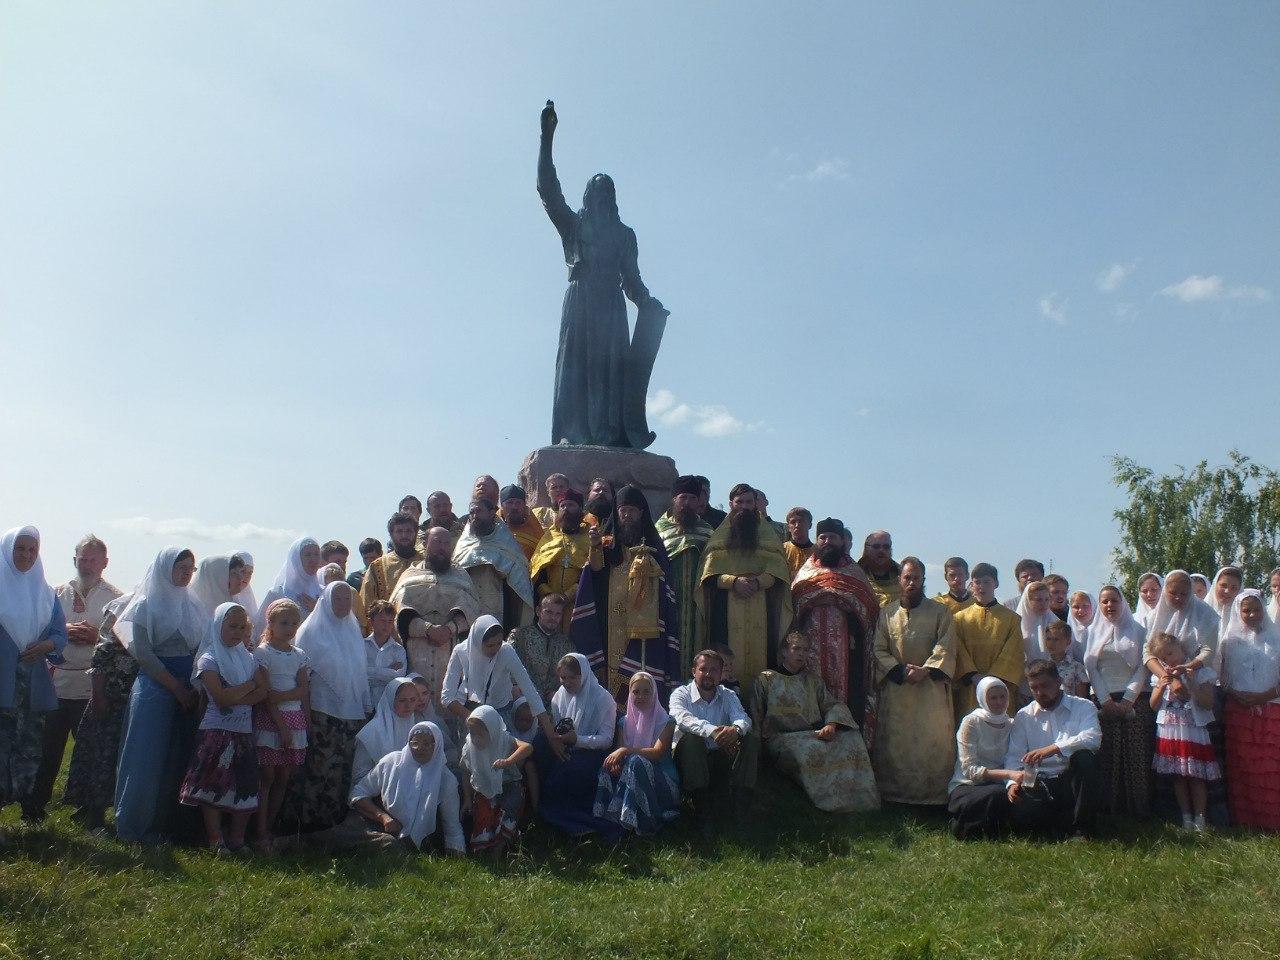 Участники крестного хода от деревни Большое Мурашкино Нижегородской области до села Григорово. 2013 год